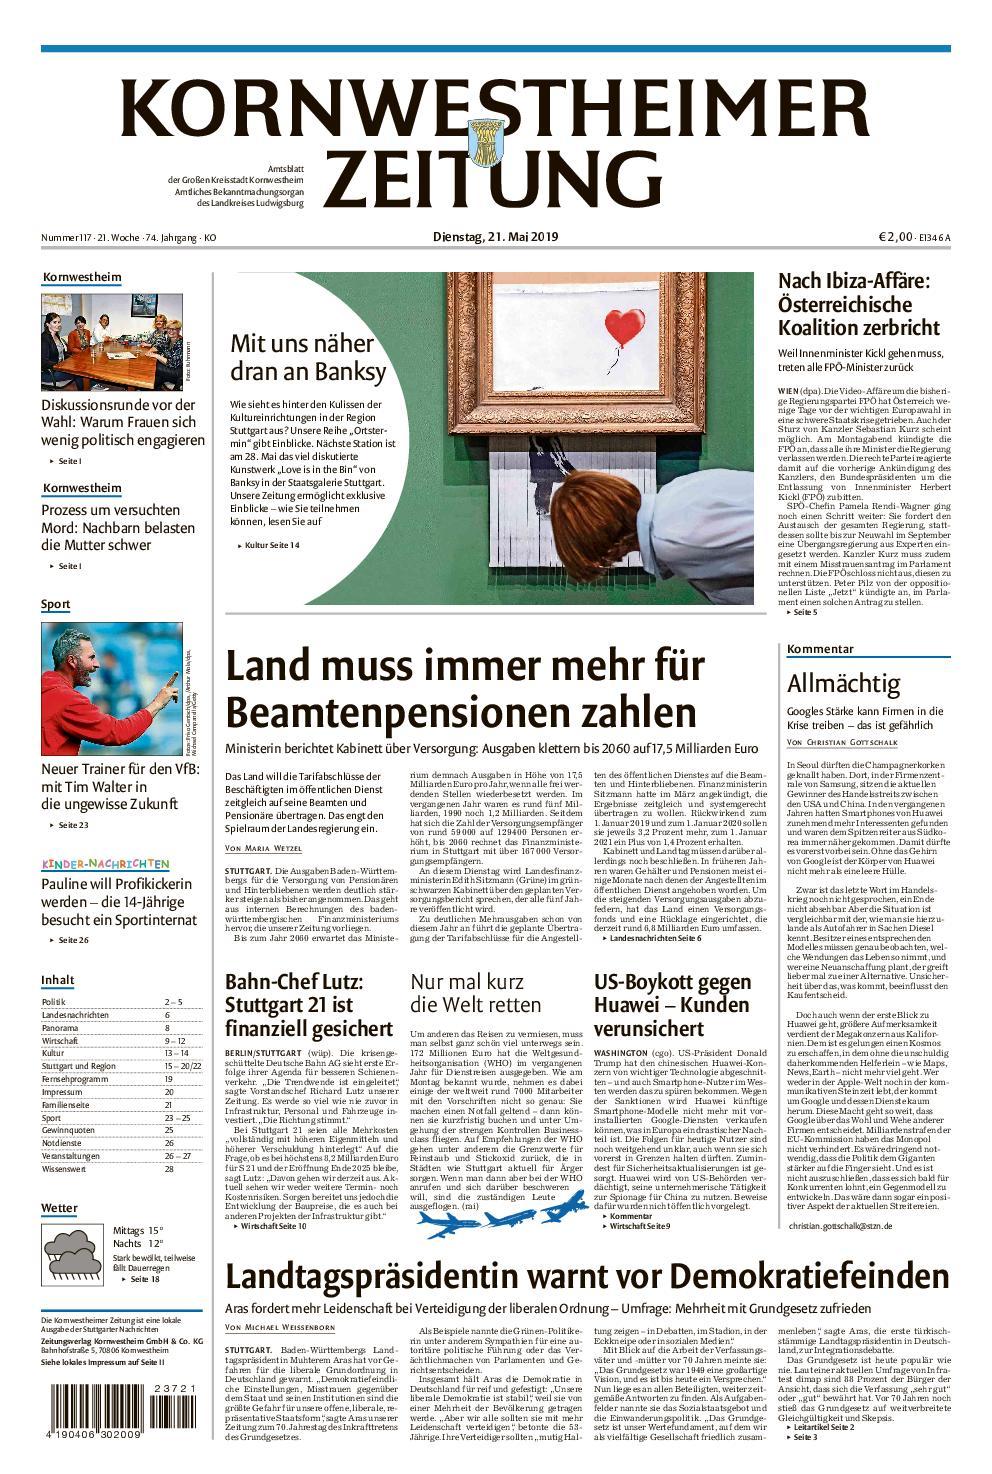 Kornwestheimer Zeitung - 21. Mai 2019